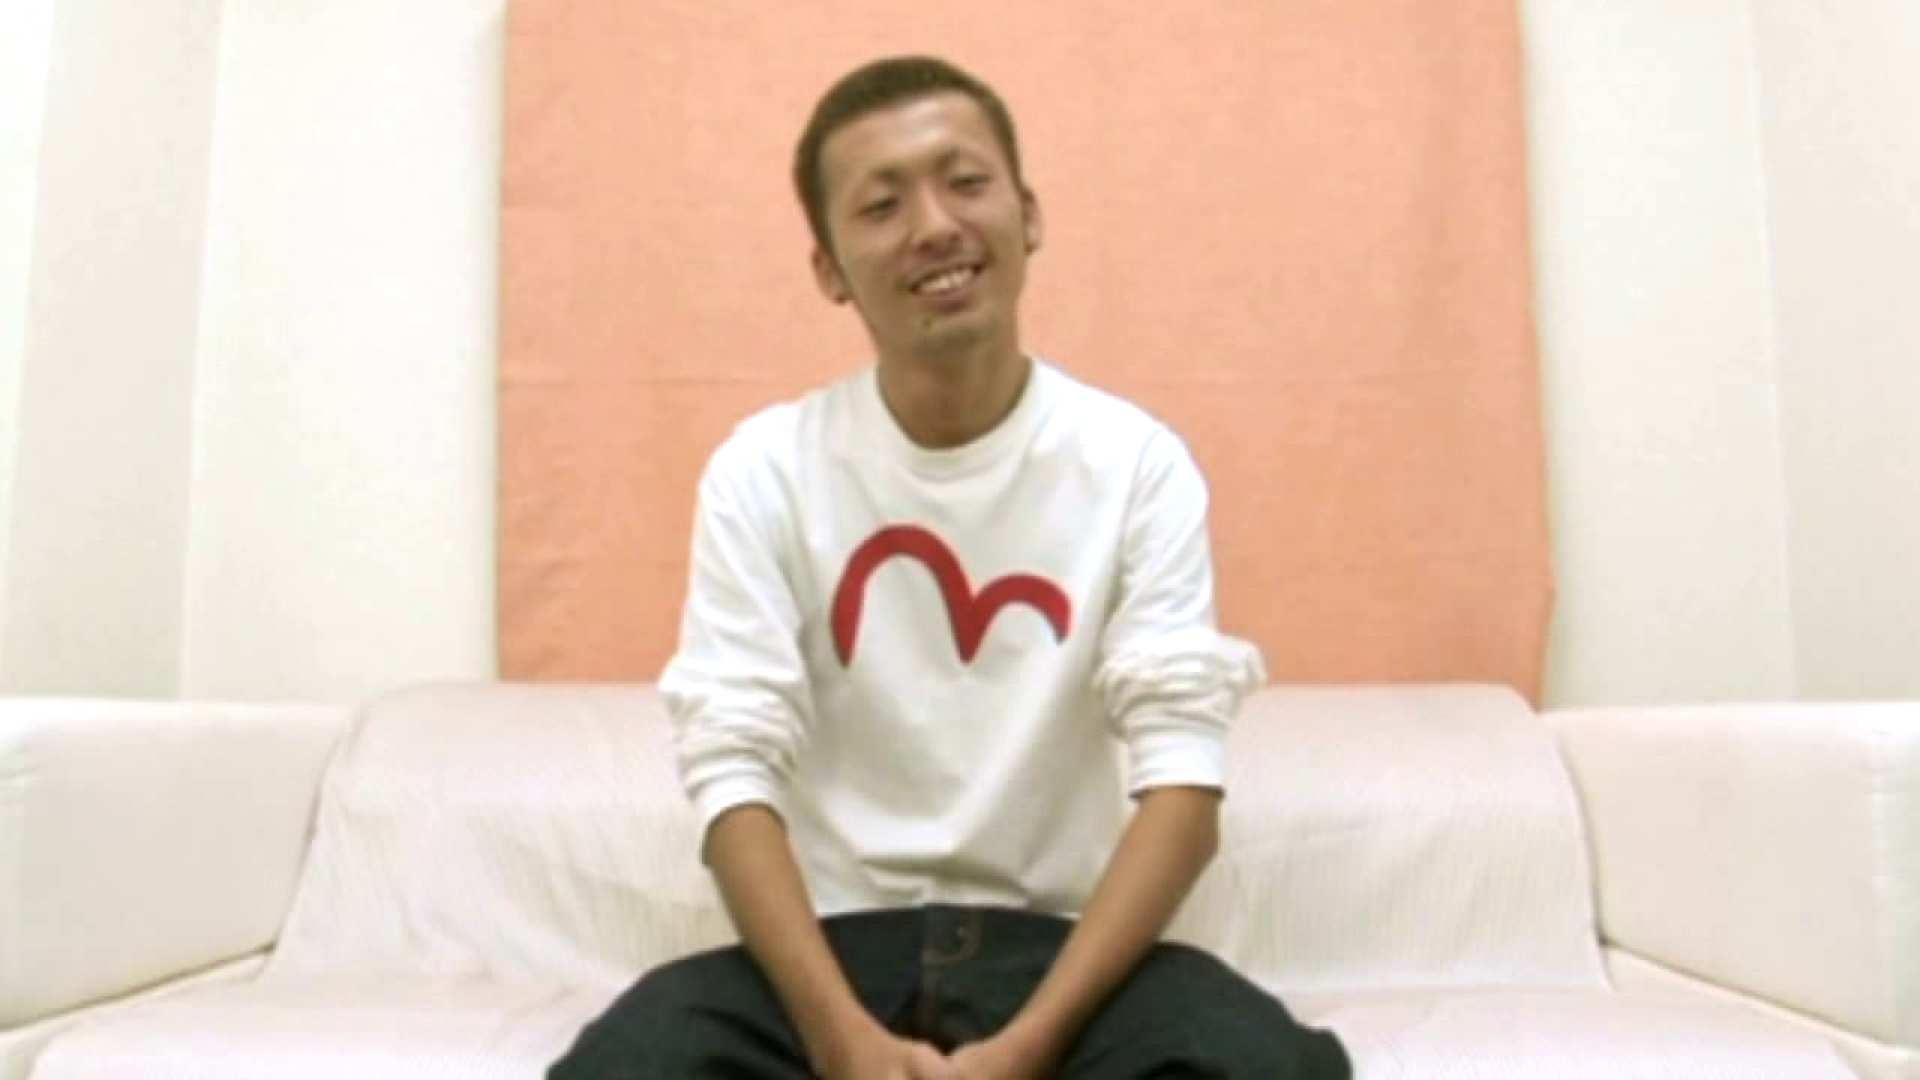 ノンケ!自慰スタジオ No.11 茶髪 ゲイ丸見え画像 110枚 6